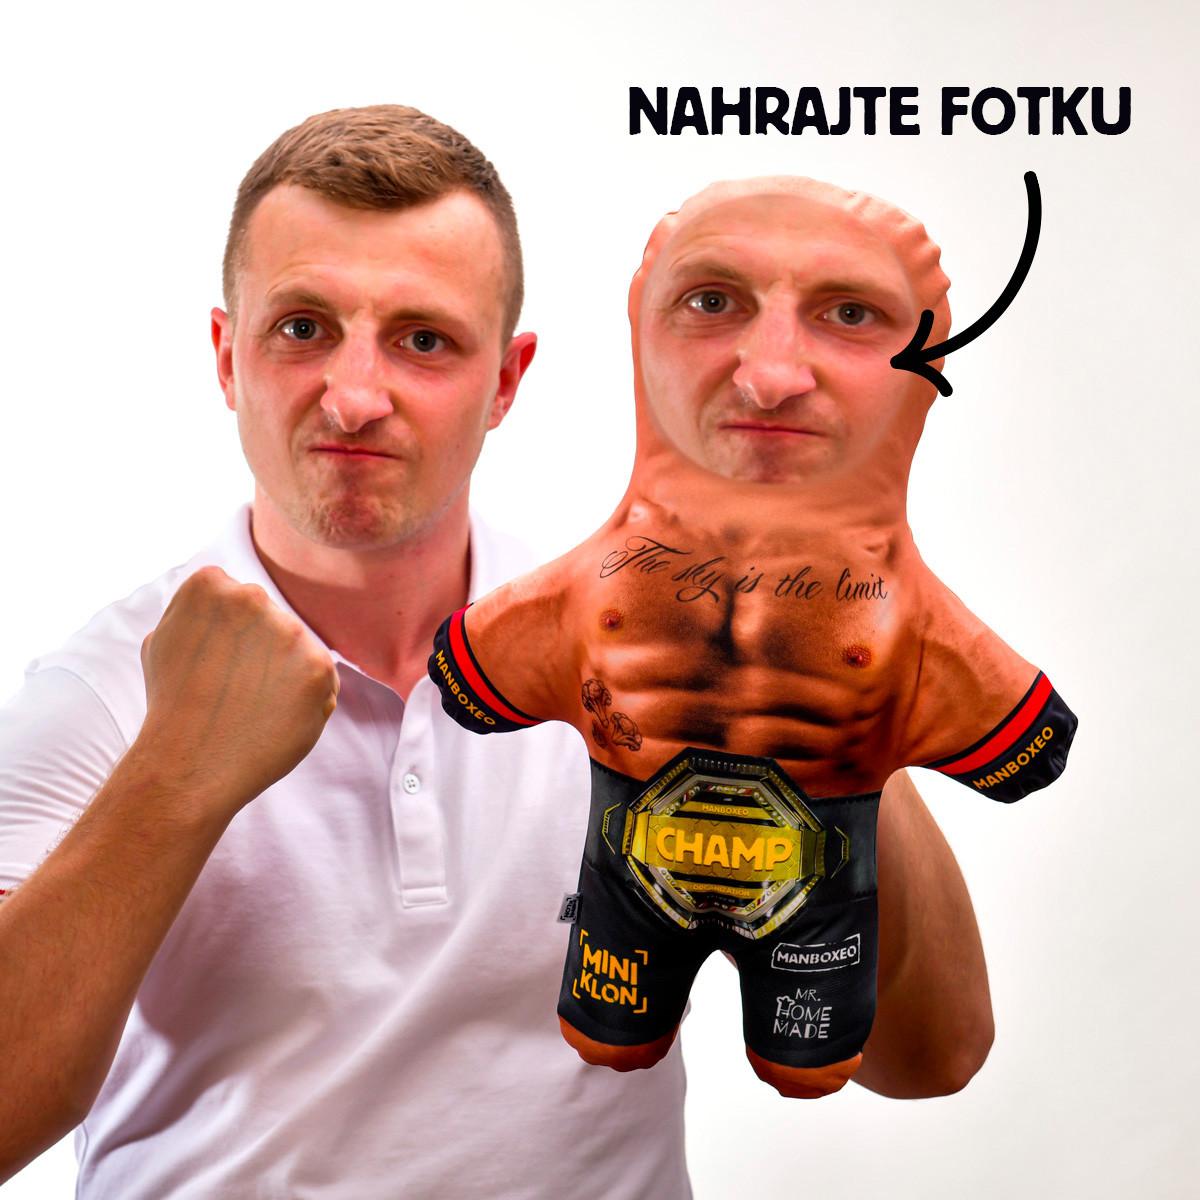 MiniKlon MMA Fighter